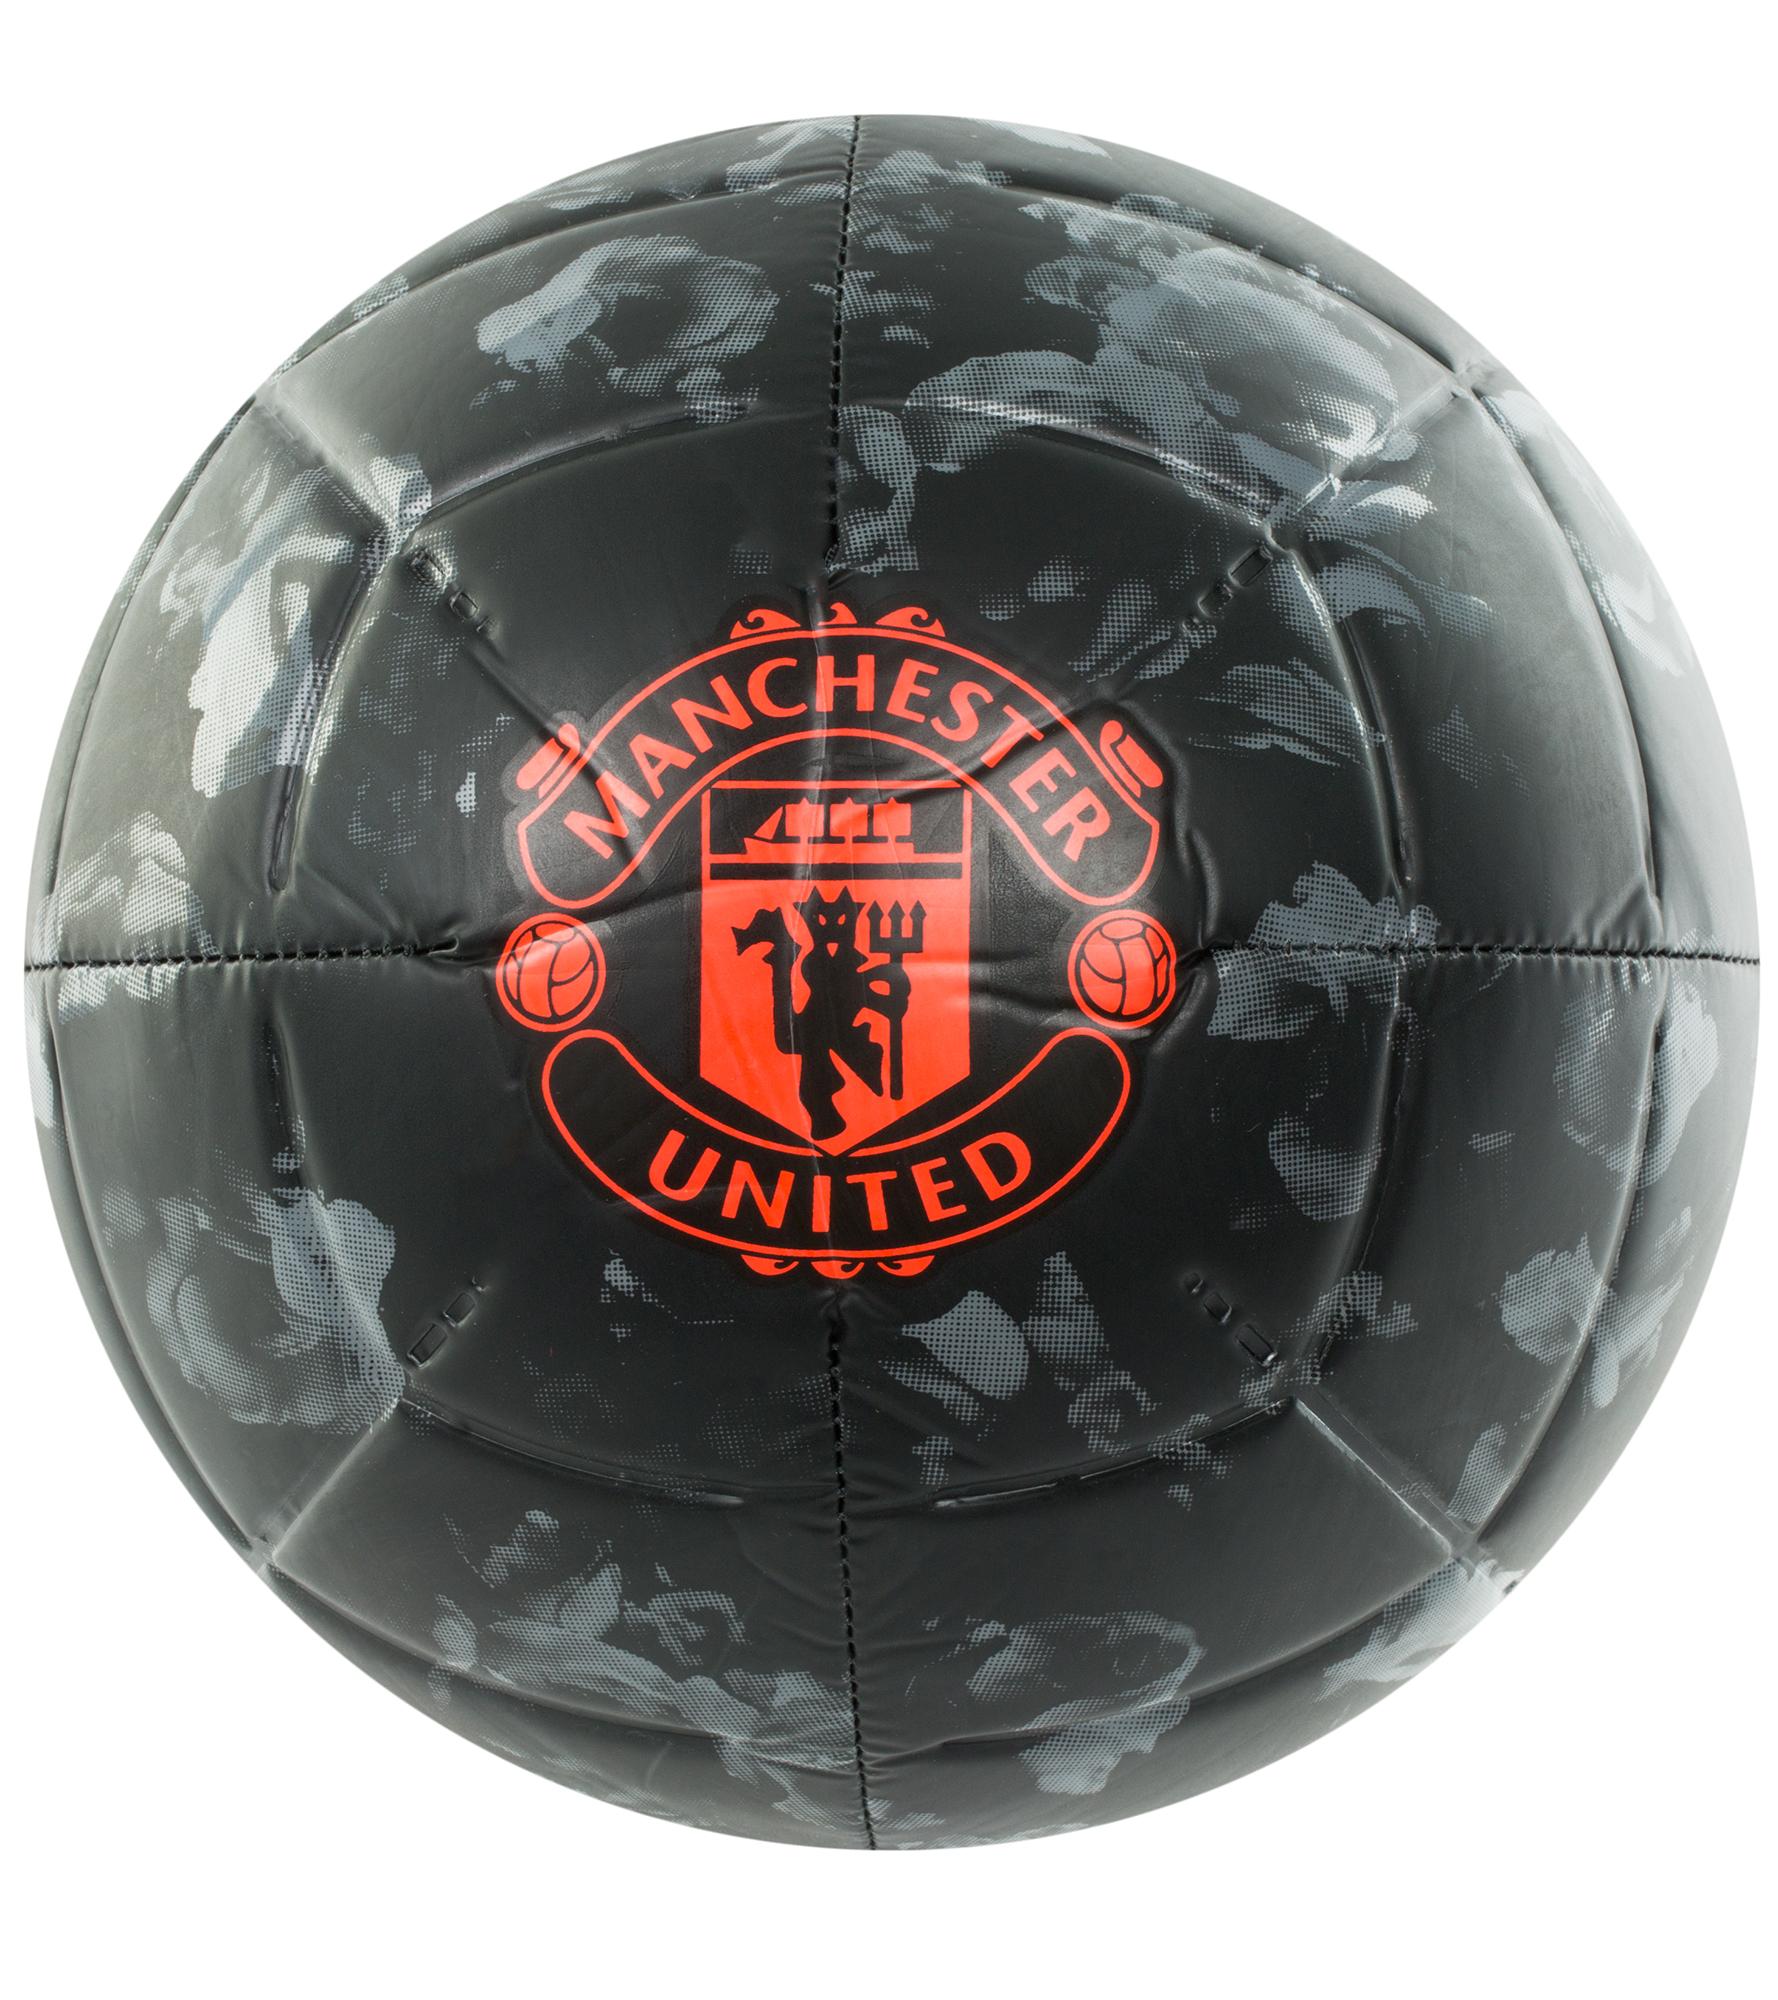 цена на Adidas Футбольный мяч Adidas Manchester United Capitano